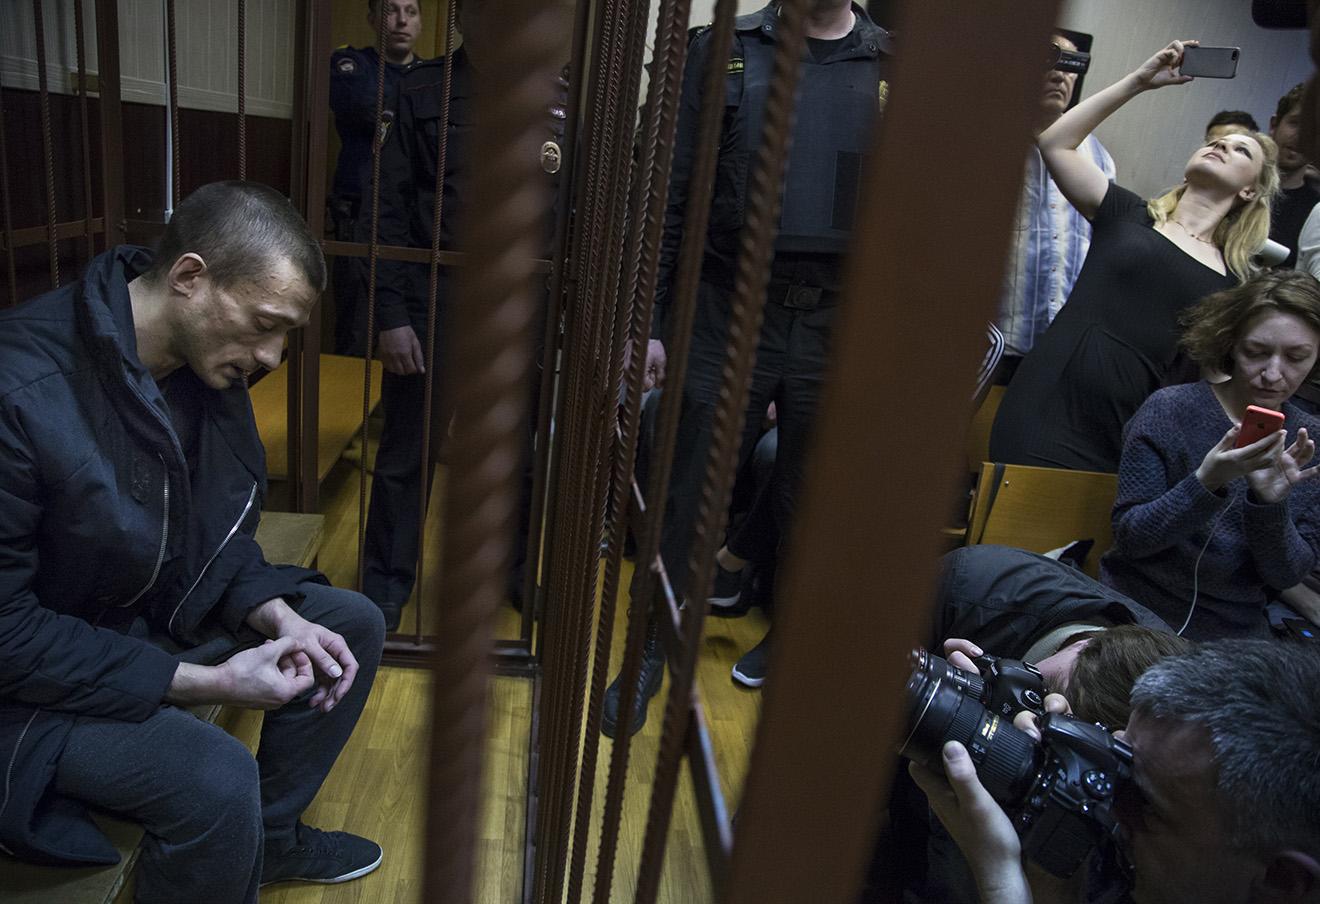 Петр Павленский и Маша Алехина (на заднем плане). Фото: Иван Секретарев / AP